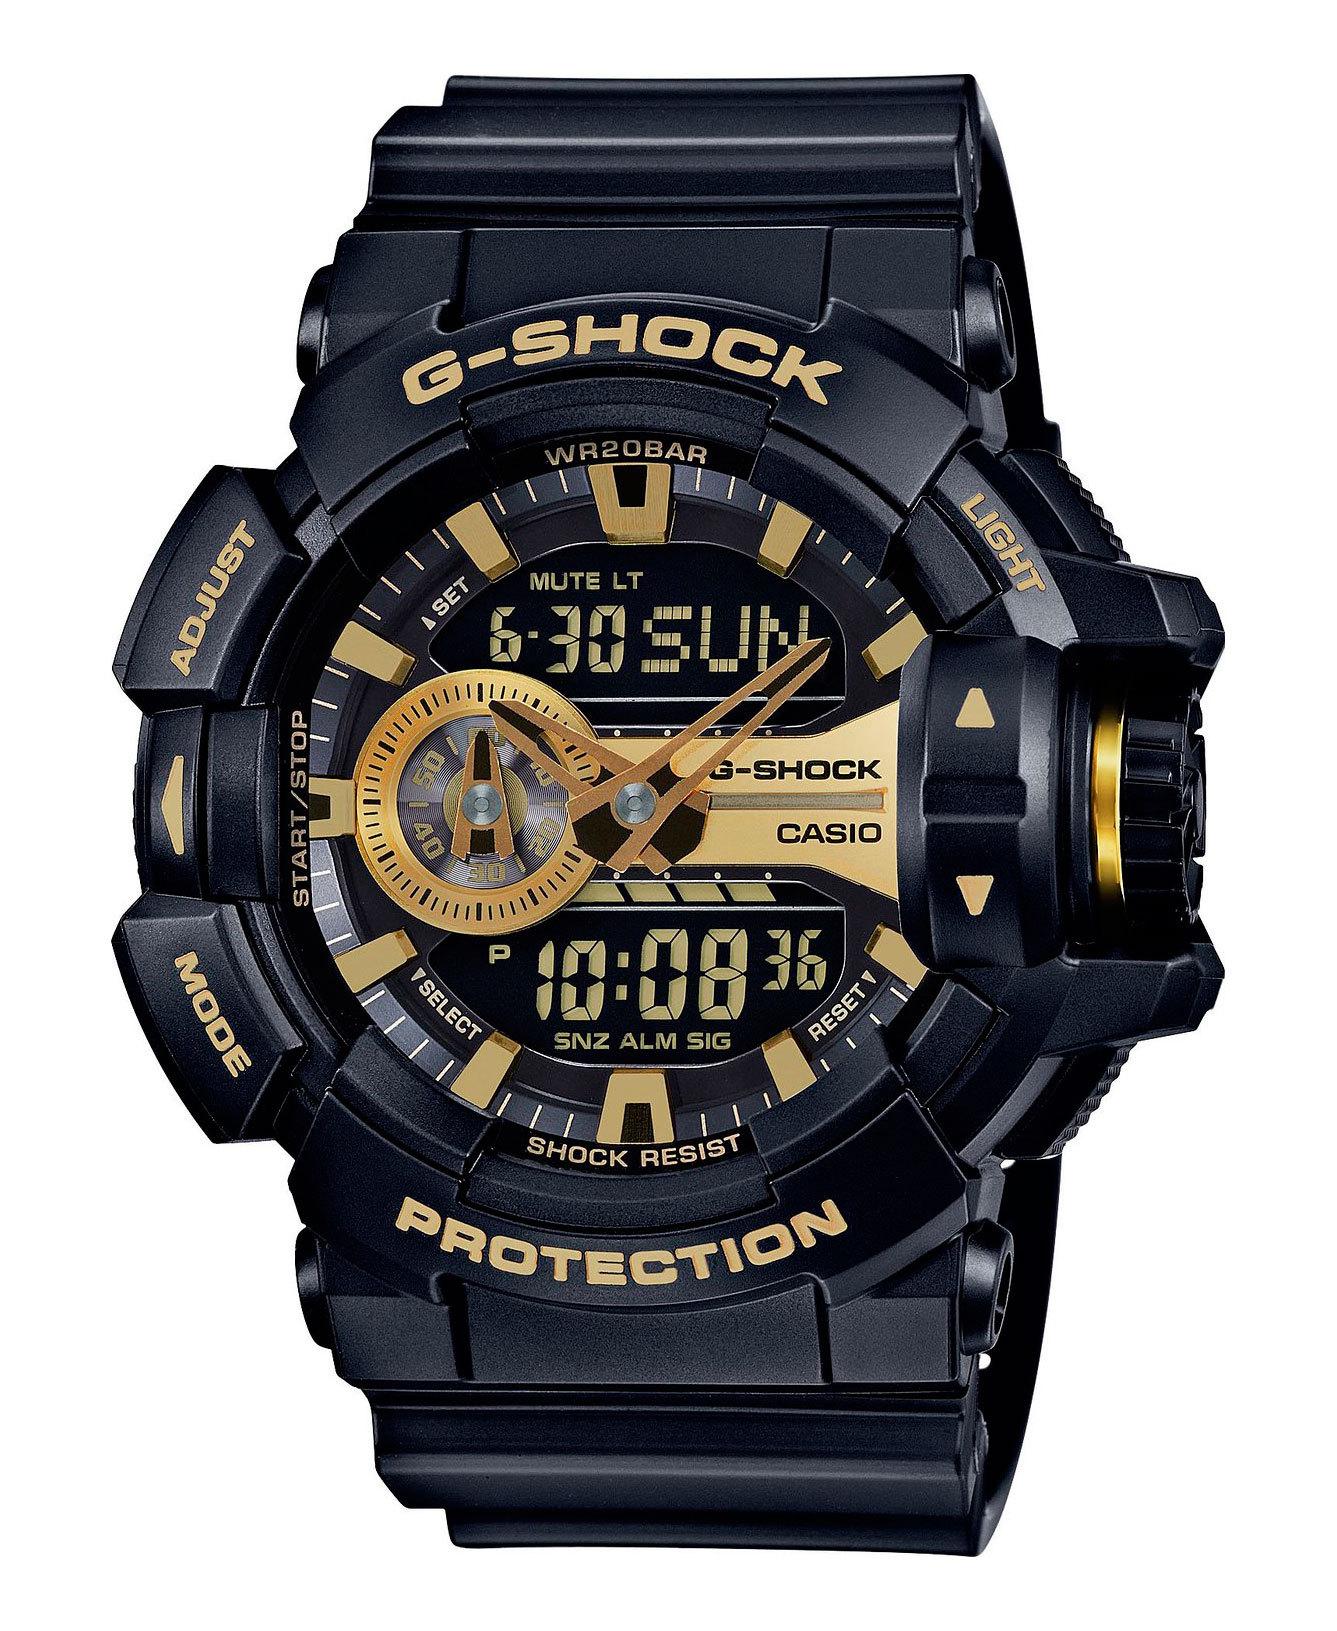 Casio G-SHOCK GA-400GB-1A9 / GA-400GB-1A9ER - мужские наручные часыCasio<br><br><br>Бренд: Casio<br>Модель: Casio GA-400GB-1A9<br>Артикул: GA-400GB-1A9<br>Вариант артикула: GA-400GB-1A9ER<br>Коллекция: G-SHOCK<br>Подколлекция: None<br>Страна: Япония<br>Пол: мужские<br>Тип механизма: кварцевые<br>Механизм: None<br>Количество камней: None<br>Автоподзавод: None<br>Источник энергии: от батарейки<br>Срок службы элемента питания: 36 мес<br>Дисплей: None<br>Цифры: отсутствуют<br>Водозащита: WR 200<br>Противоударные: есть<br>Материал корпуса: пластик<br>Материал браслета: пластик<br>Материал безеля: None<br>Стекло: минеральное<br>Антибликовое покрытие: None<br>Цвет корпуса: None<br>Цвет браслета: None<br>Цвет циферблата: None<br>Цвет безеля: None<br>Размеры: None<br>Диаметр: None<br>Диаметр корпуса: None<br>Толщина: None<br>Ширина ремешка: None<br>Вес: 70 г<br>Спорт-функции: секундомер, таймер обратного отсчета<br>Подсветка: дисплея<br>Вставка: None<br>Отображение даты: вечный календарь, число, месяц, день недели<br>Хронограф: None<br>Таймер: None<br>Термометр: None<br>Хронометр: None<br>GPS: None<br>Радиосинхронизация: None<br>Барометр: None<br>Скелетон: None<br>Дополнительная информация: защита от магнитных полей, ежечасный сигнал, повтор сигнала будильника, автоподсветка, функция включения/отключения звука кнопок, элемент питания SR927W ? 2<br>Дополнительные функции: второй часовой пояс, будильник (количество установок: 5)